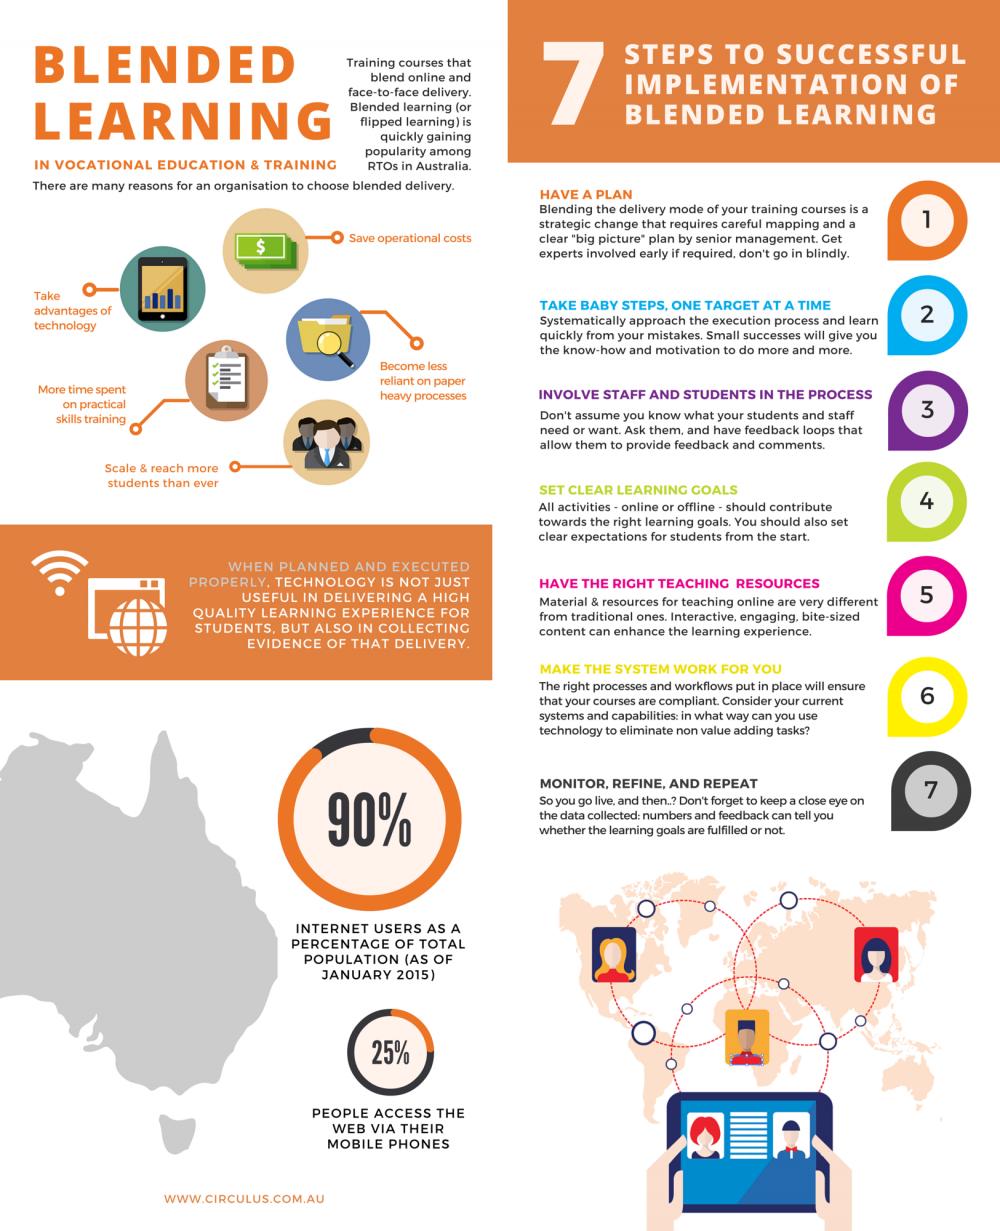 RT @ChrisRamnanan: Via @drjfrank #blendedlearning infographic. #Flipped teaching success heavily dependent on preparation  http://t.co/5e6ooF6lrV #meded